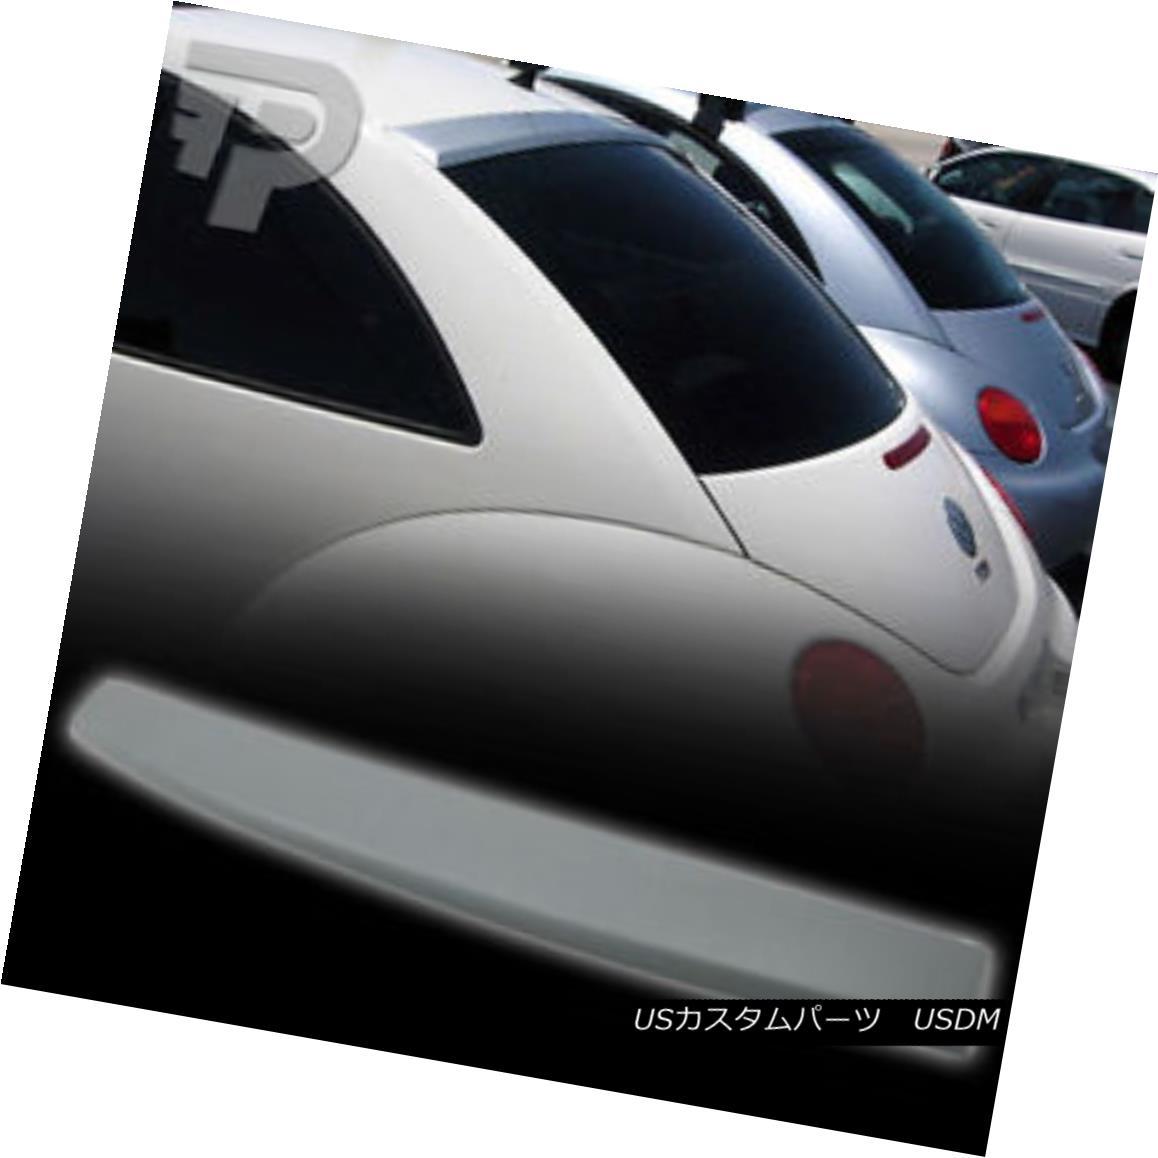 エアロパーツ UNPAINTED VOLKSWAGEN VW BEETLE 2D ROOF SPOILER REAR WING▼ アンパインドフォルクスワーゲンVW BEETLE 2Dルーフスポイラーリアウイング?